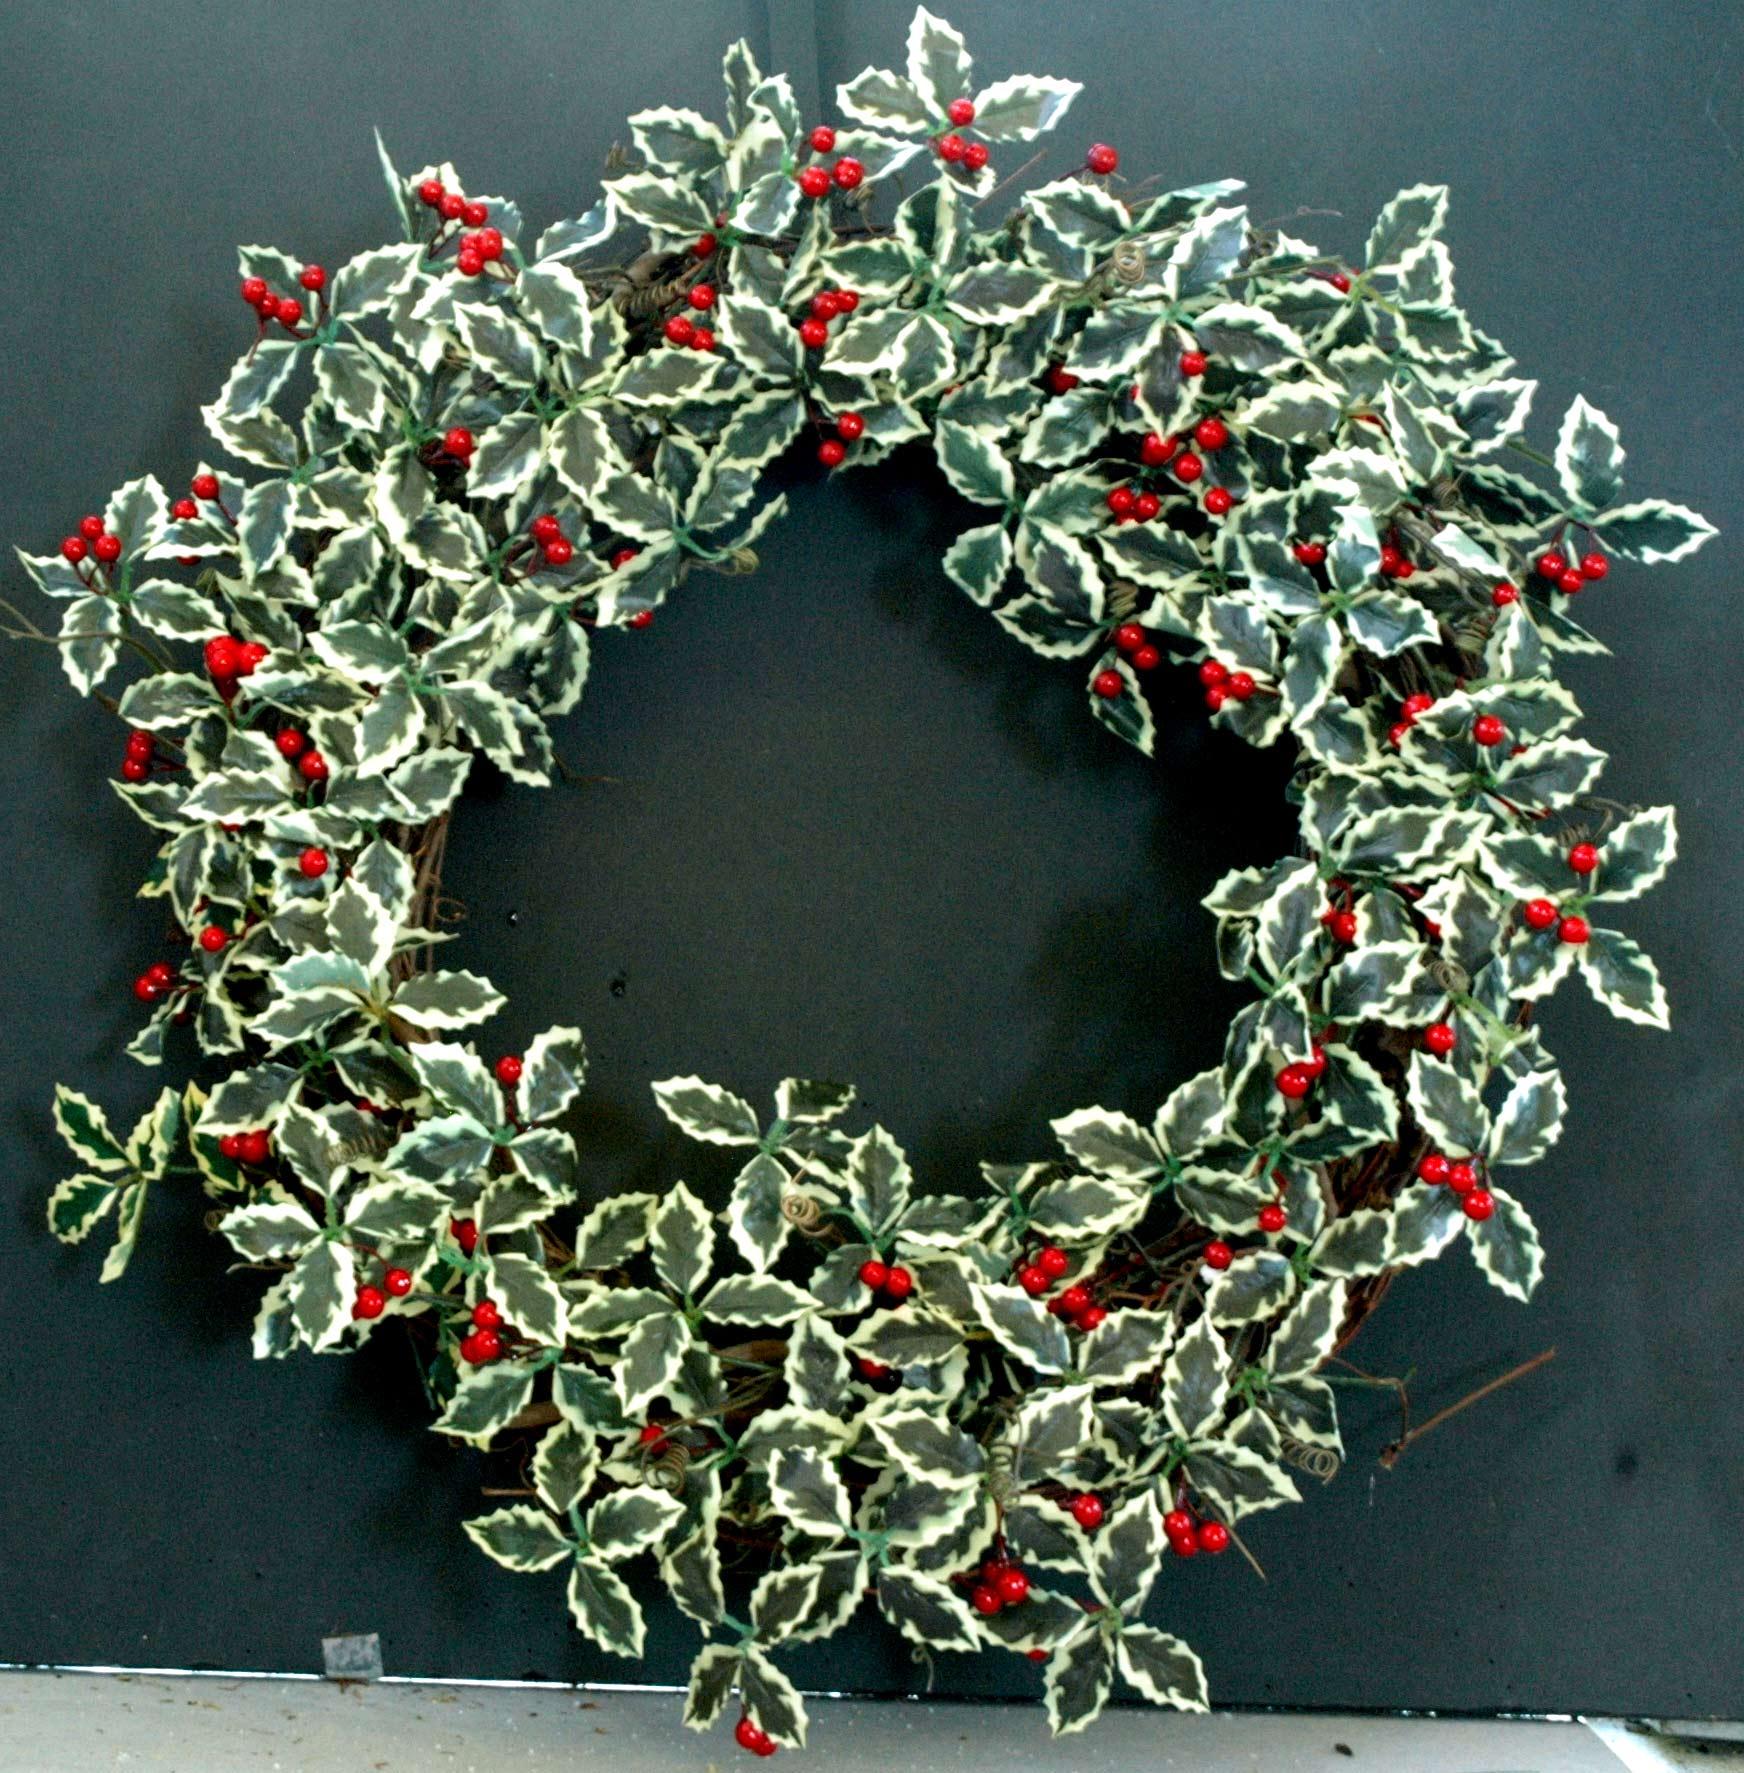 Addobbi natalizi per la casa le ghirlande - Addobbi natalizi per la porta ...